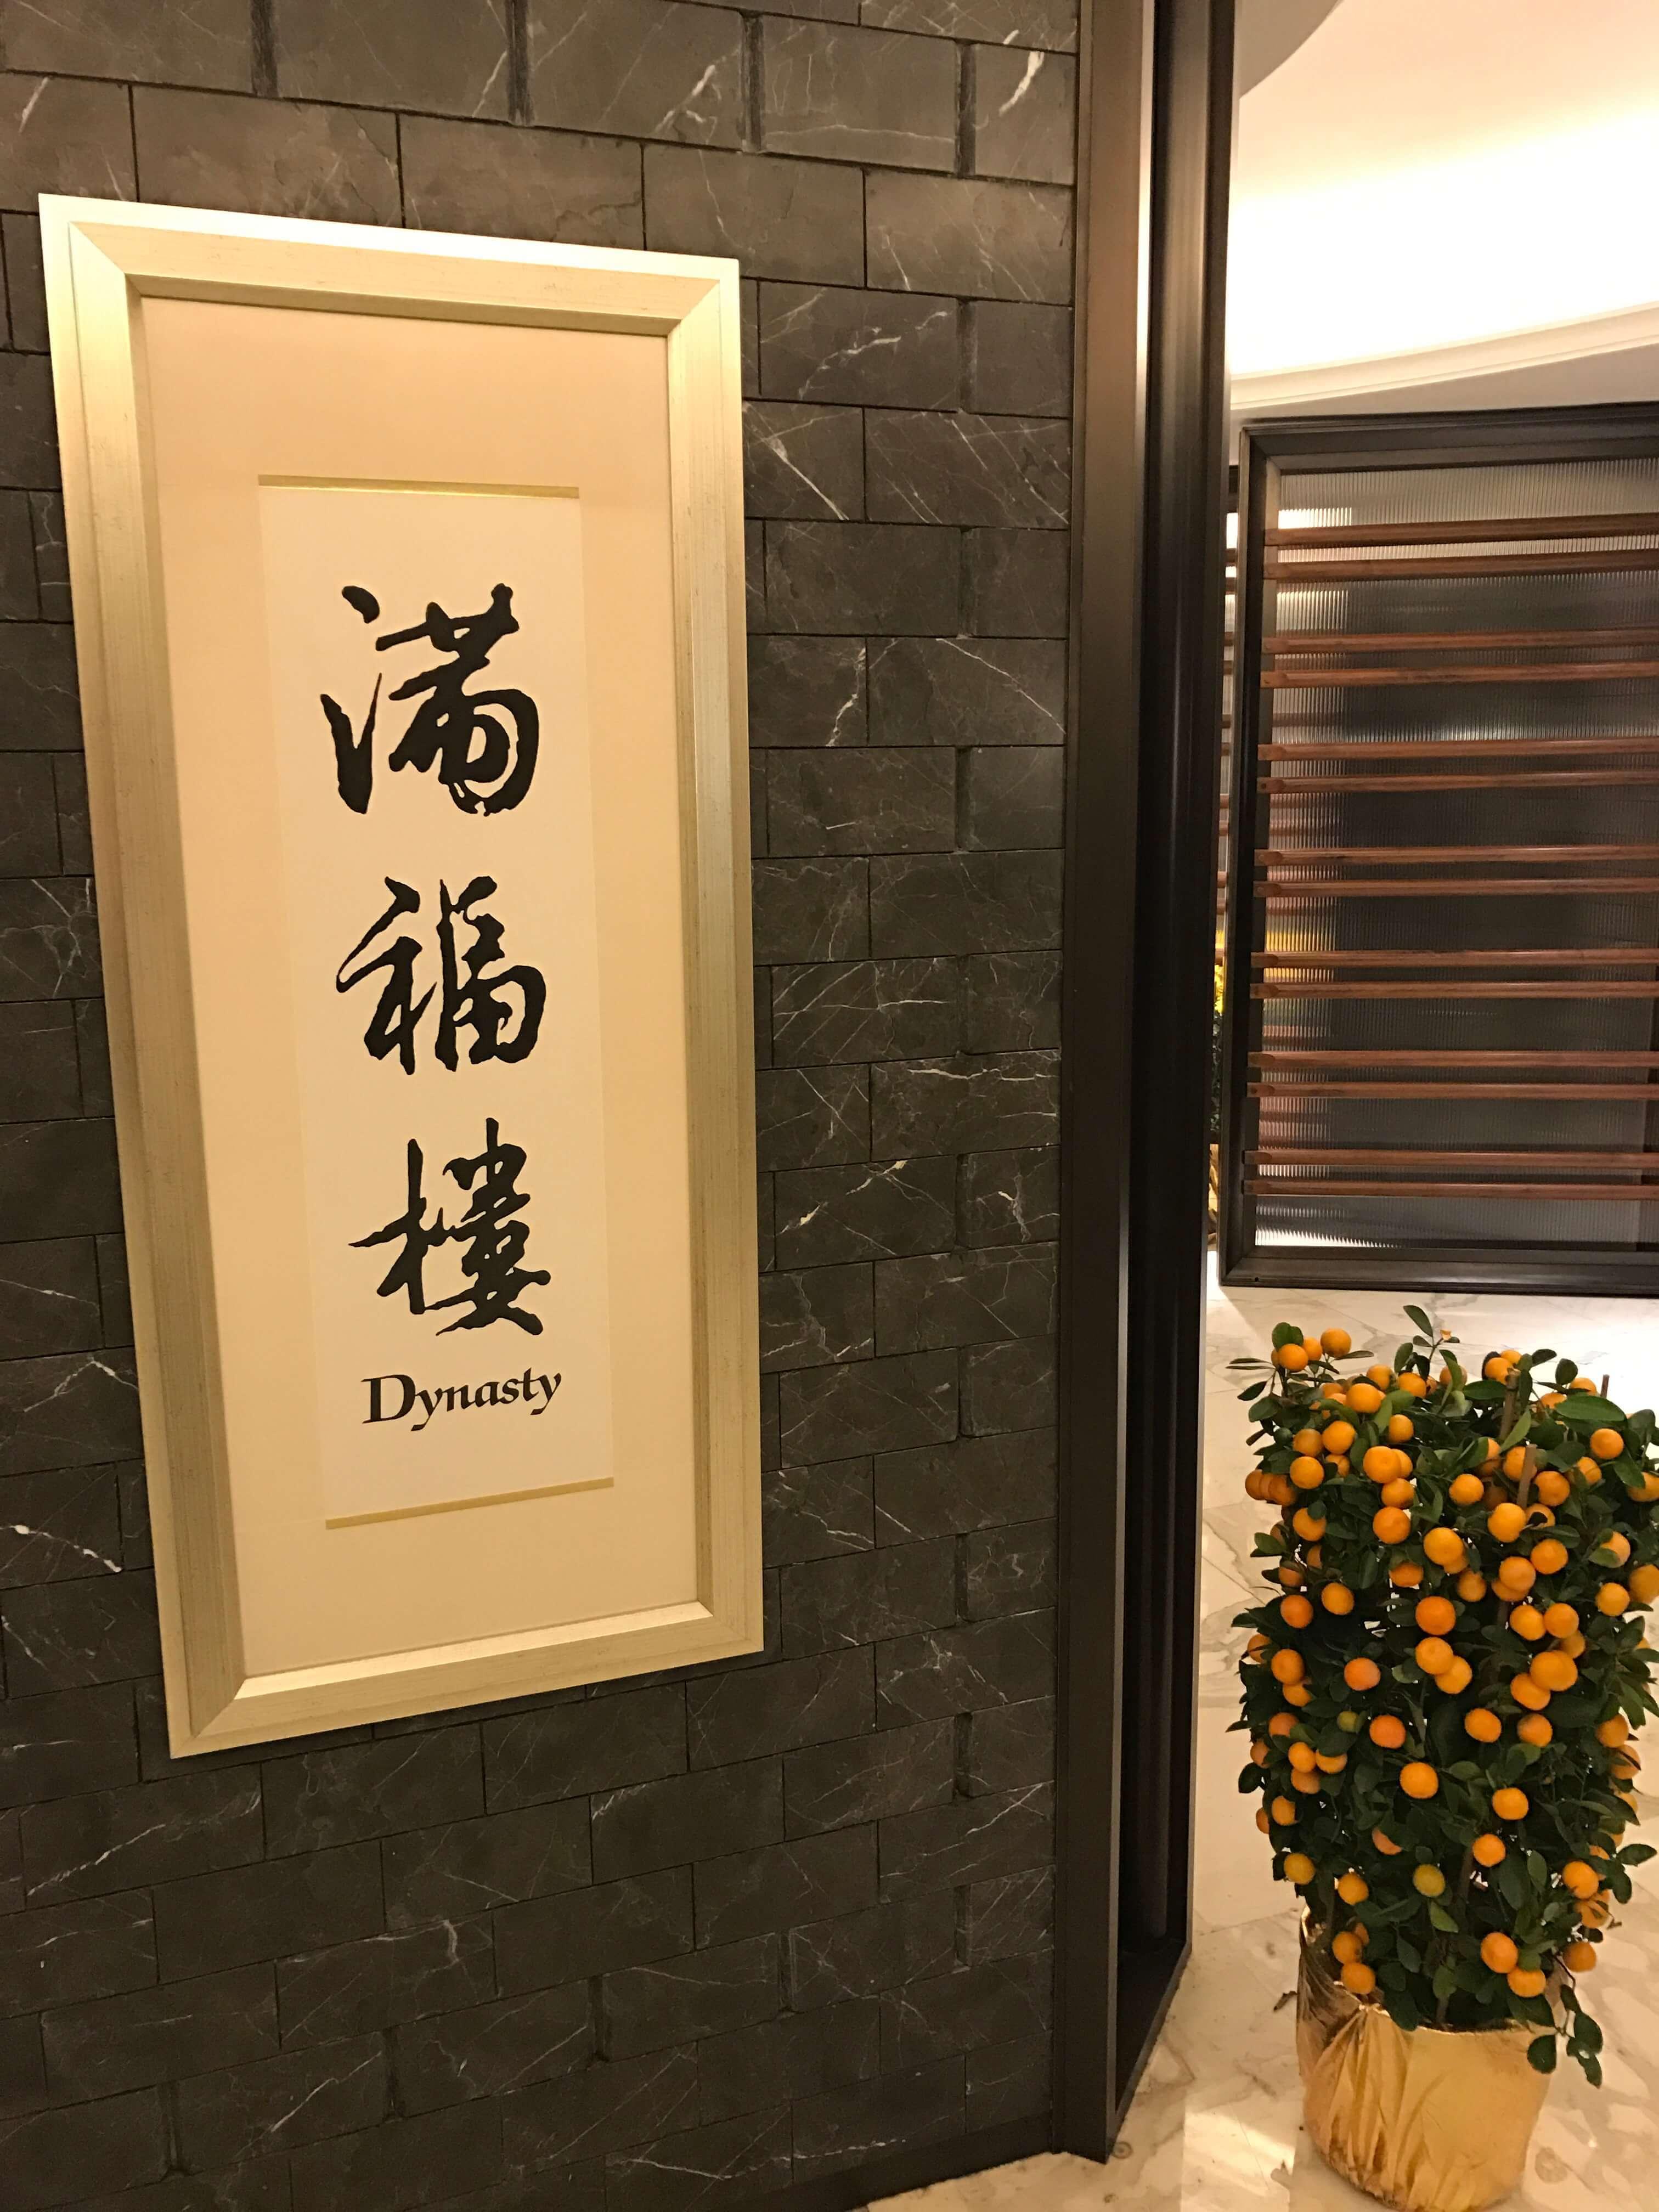 初上陸!香港はアートあふれる美味しい街(1)_1_4-1